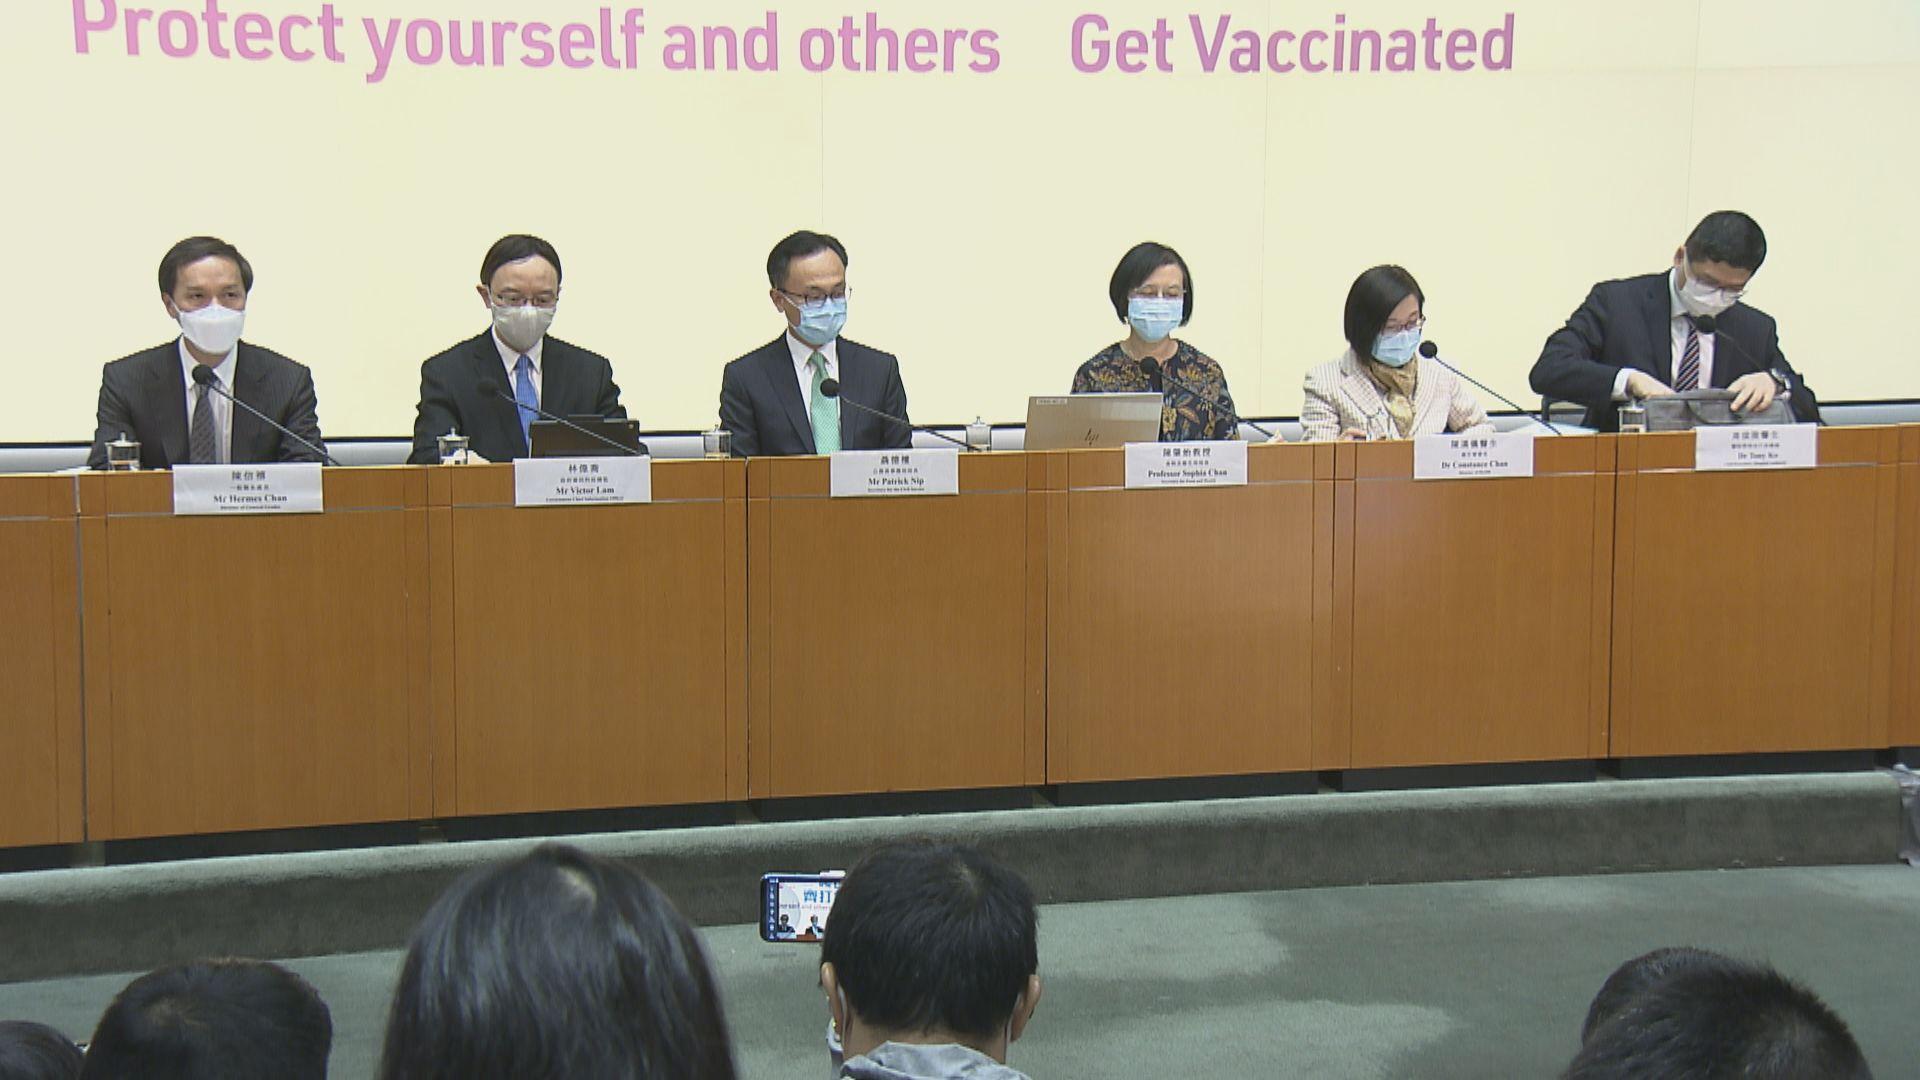 【下周二可預約】下周五起市民可接種科興疫苗 五組別獲安排優先接種